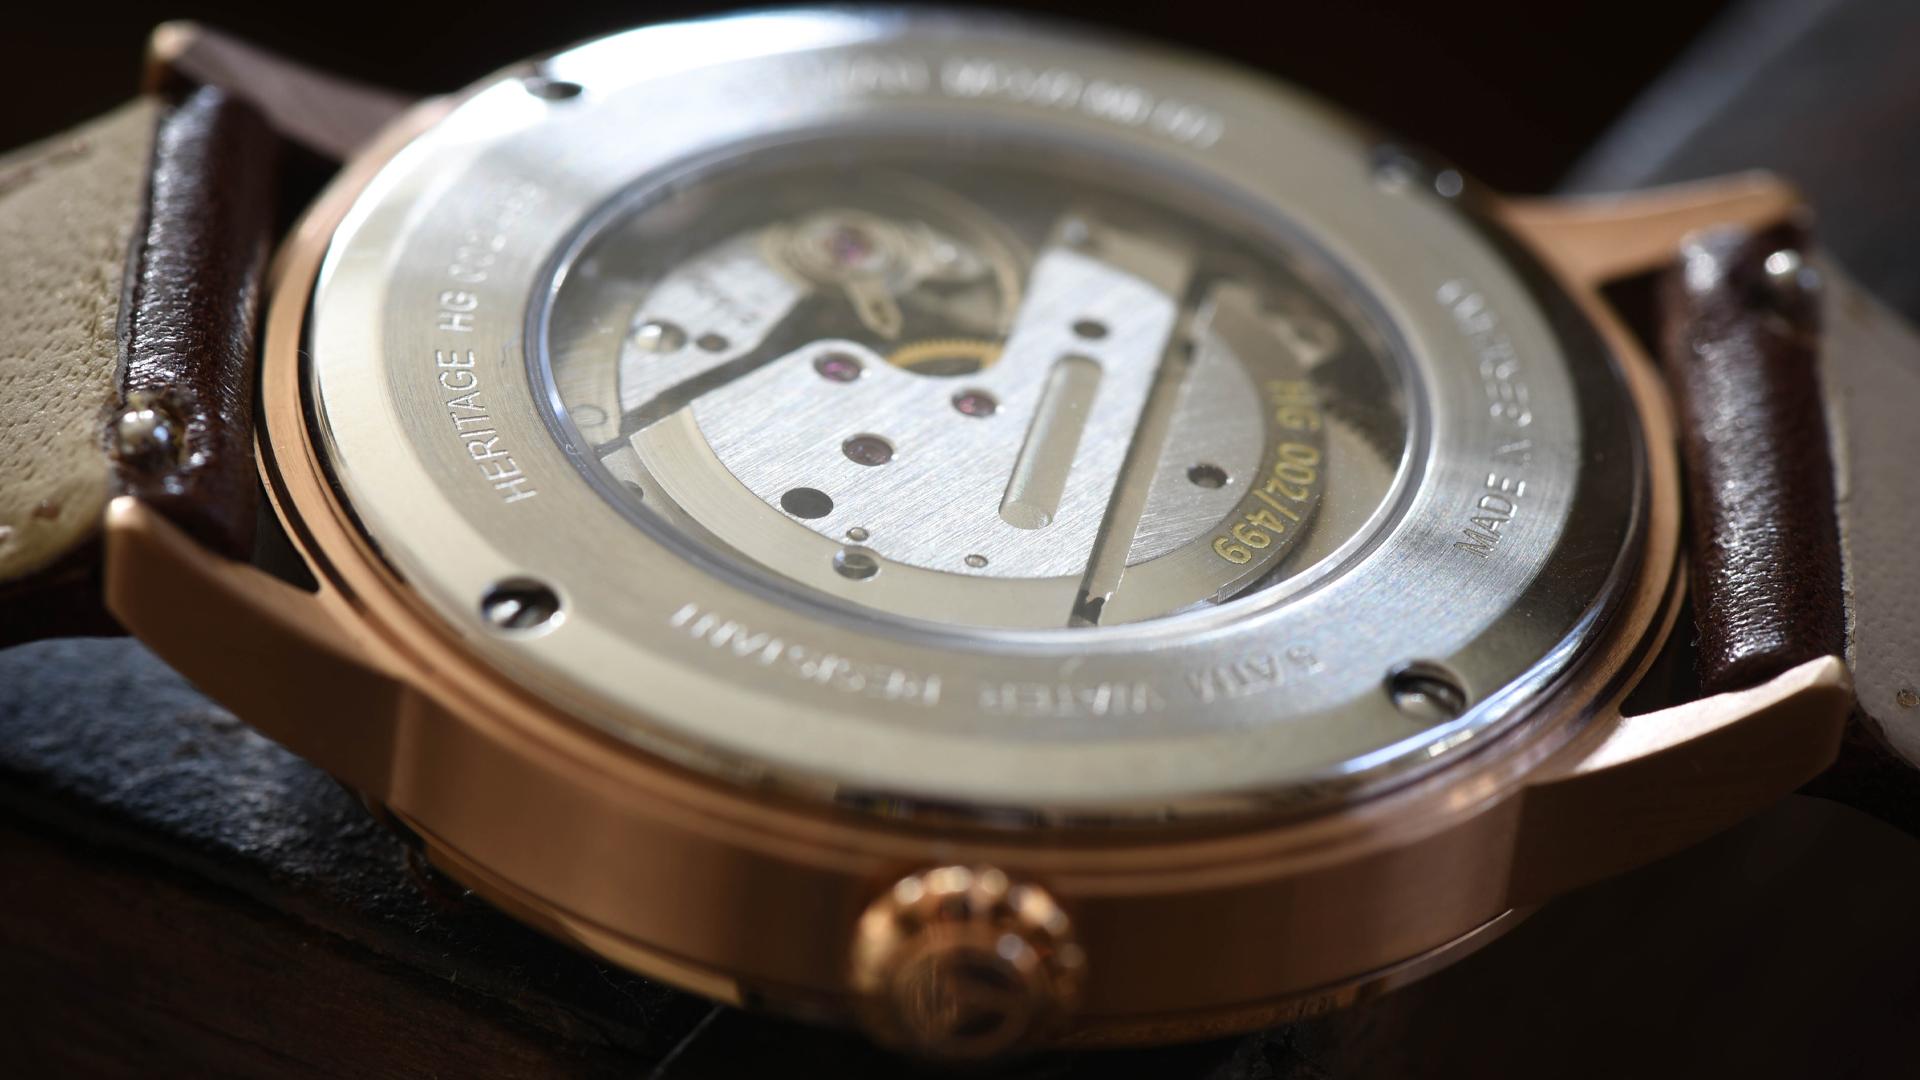 Uhrwerk, Gehäuse Circula Heritage Handaufzug